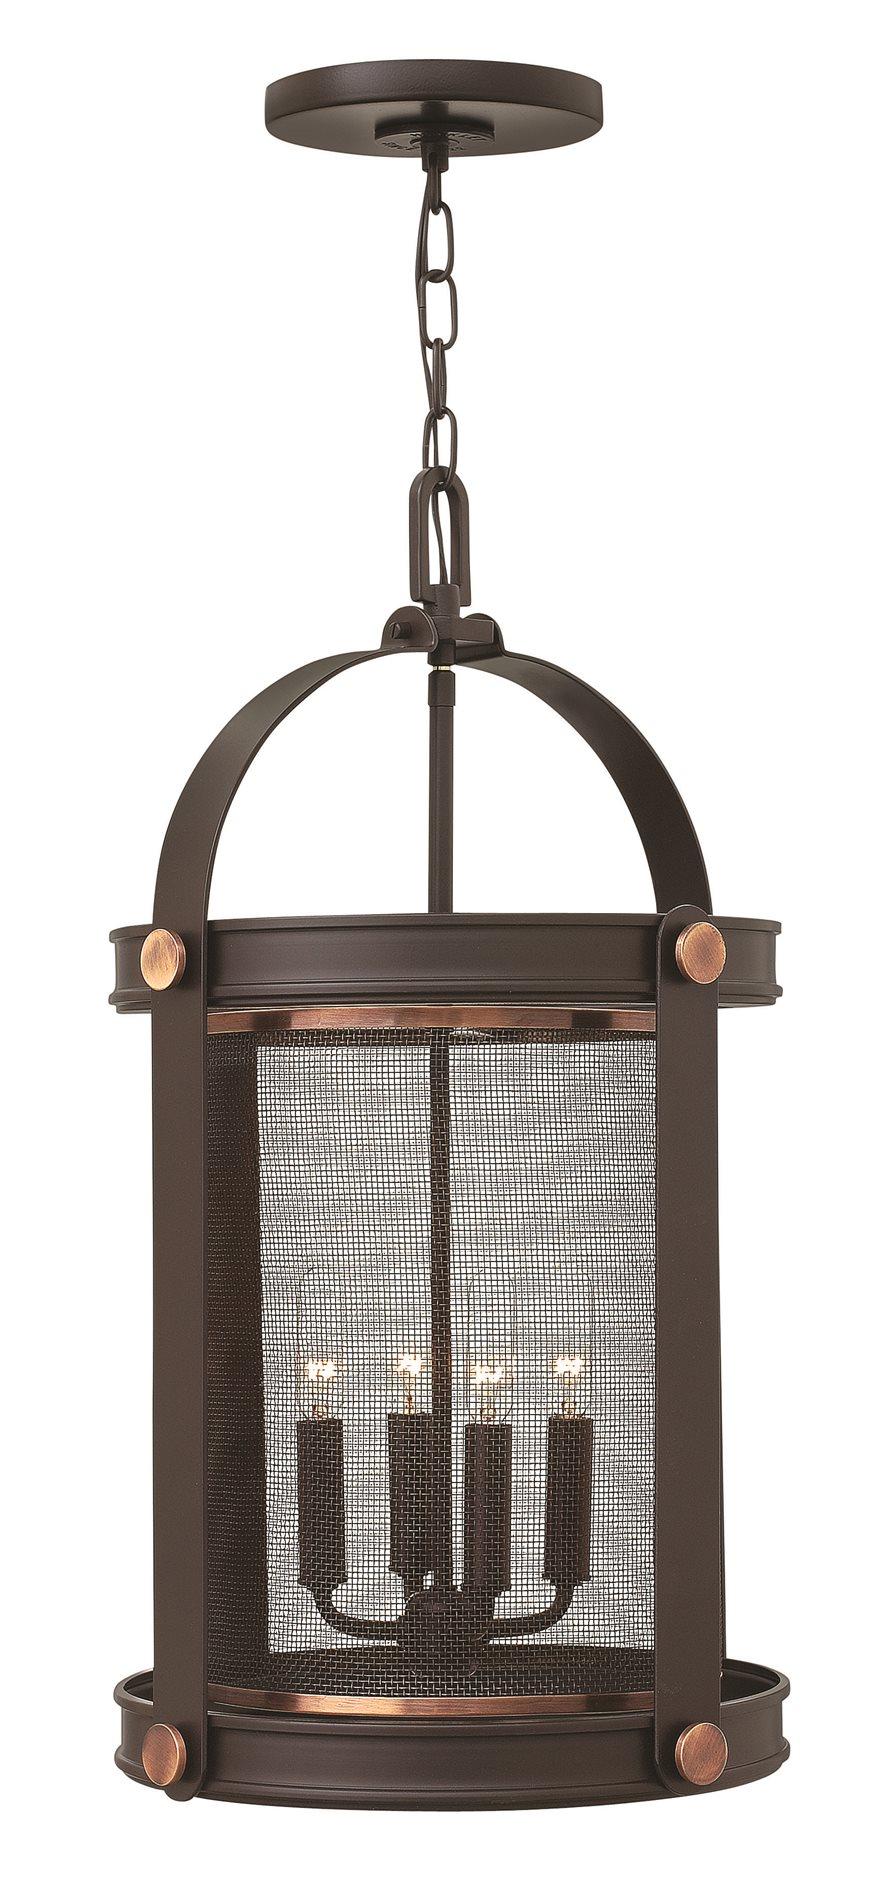 Hinkley Foyer Lighting : Hinkley lighting kz holden foyer light hk